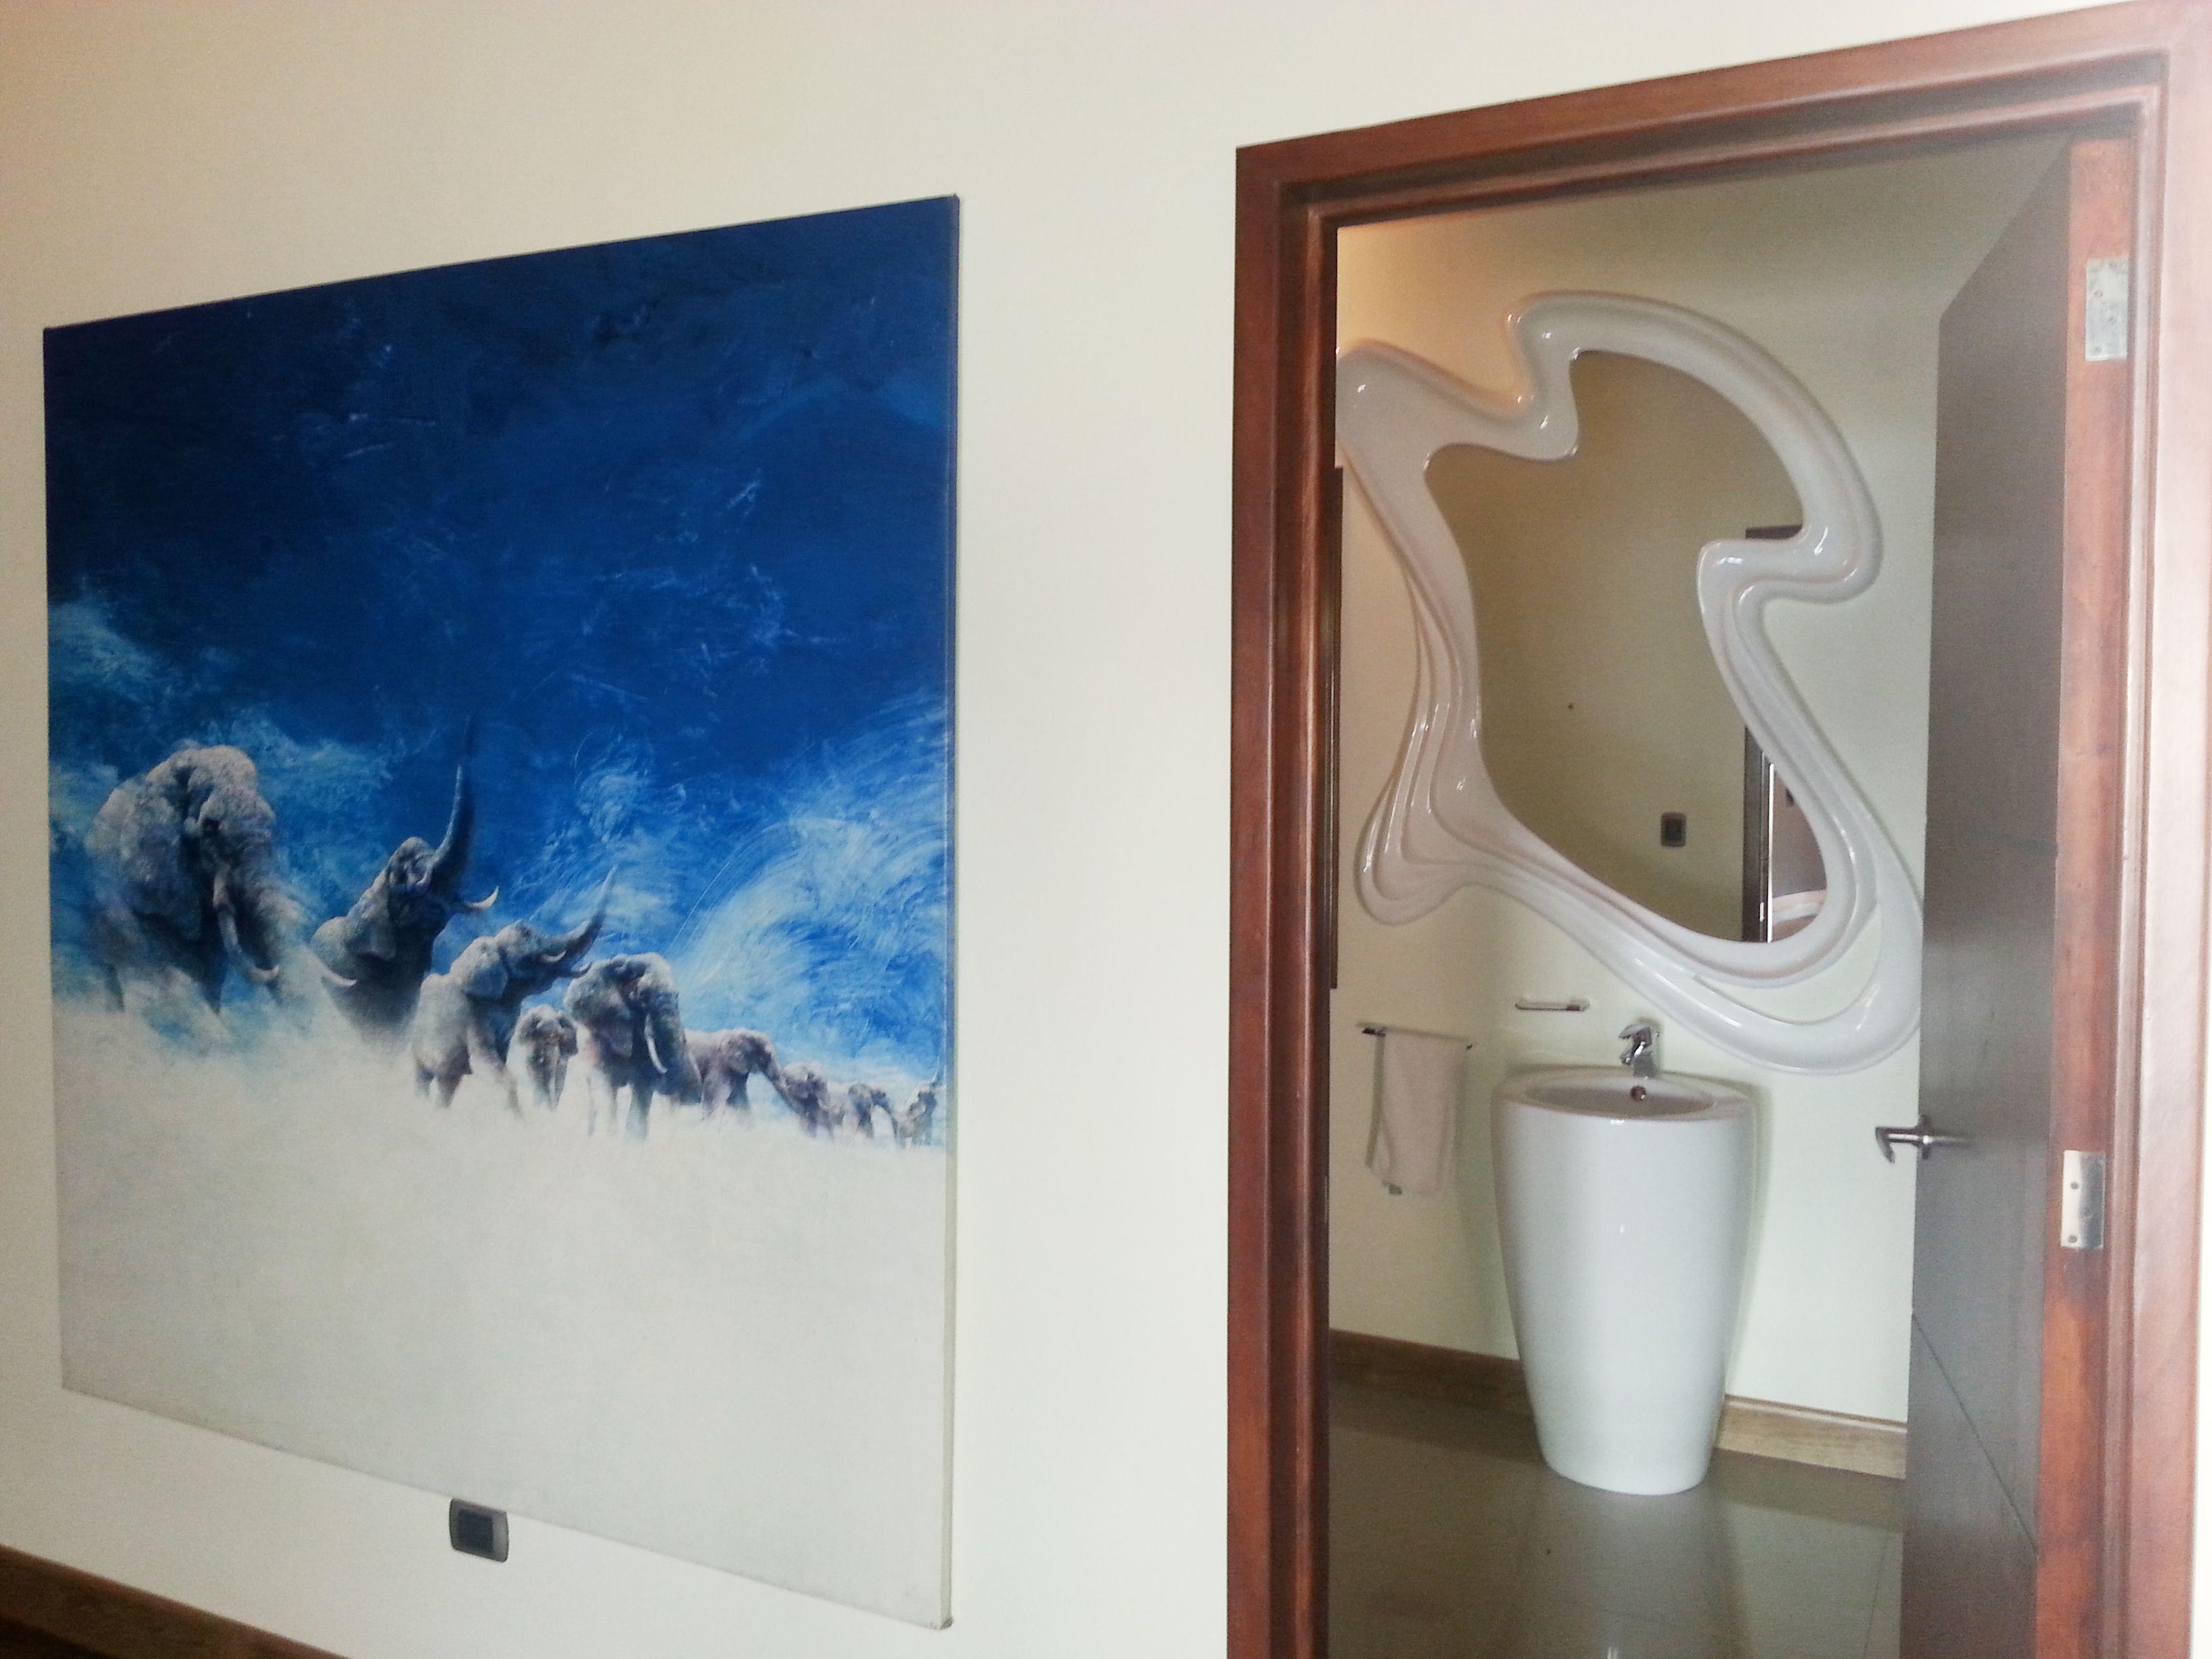 Baño moderno en el Caribe & obra de Juan Manuel Diaz Reinterpretando espacios. Xenia